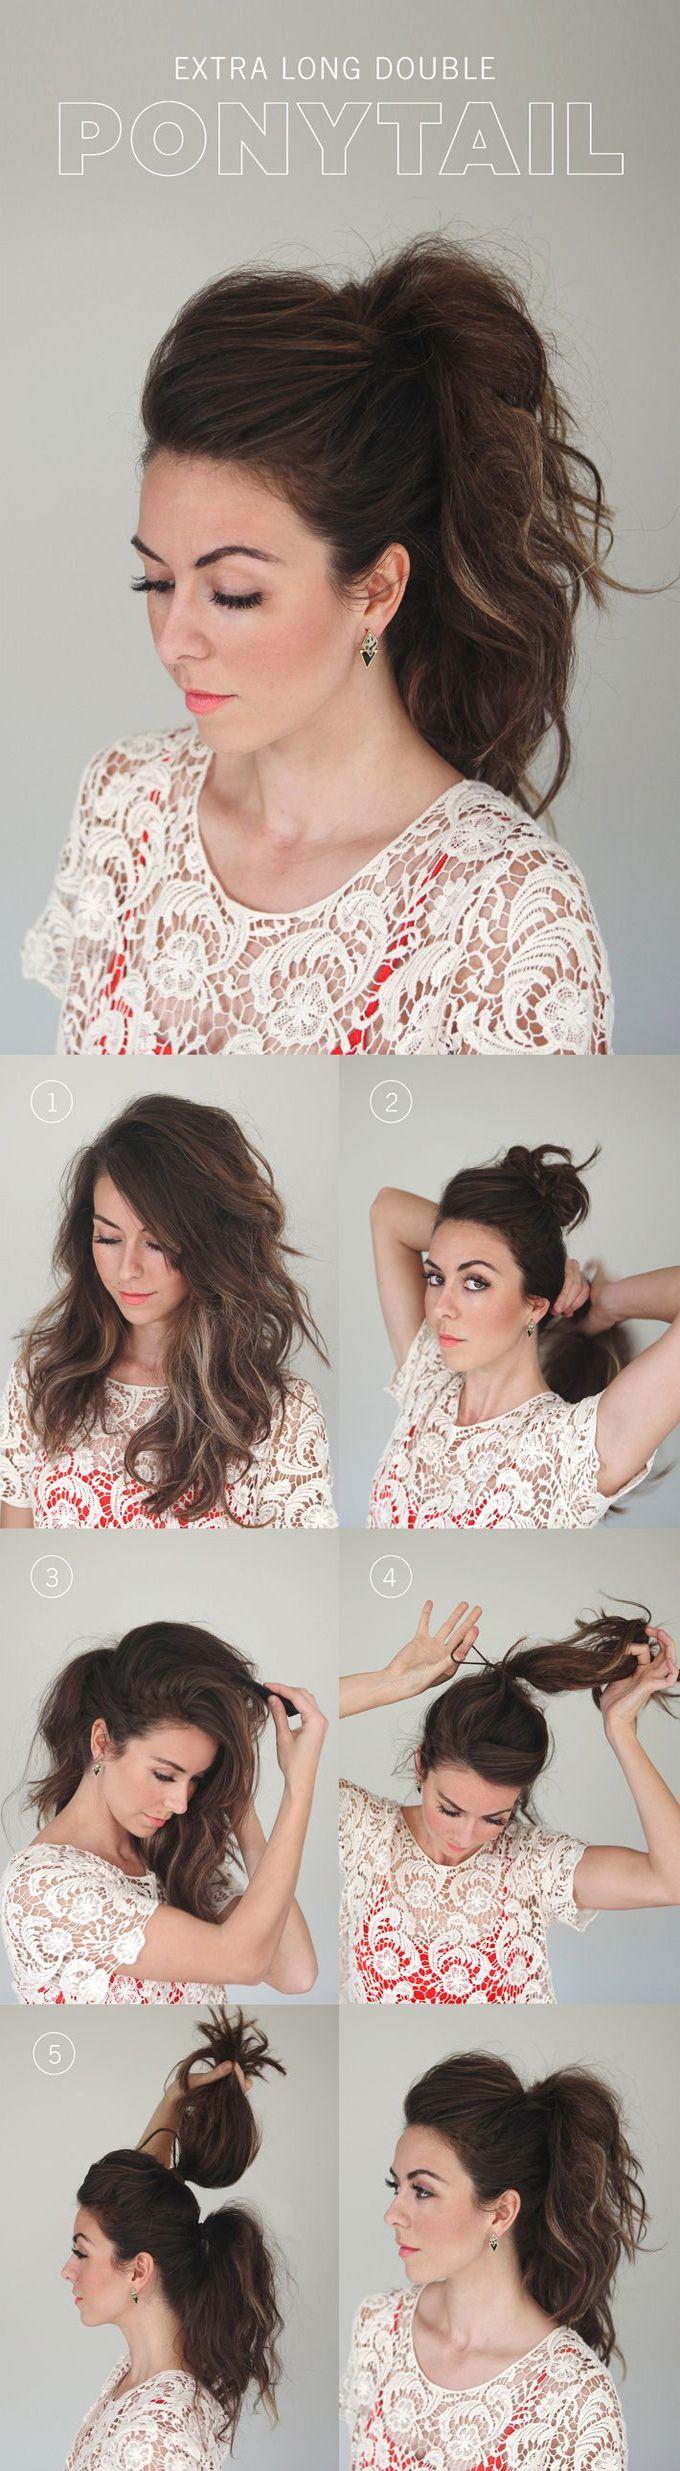 De double ponytail updo geeft je een volle paardenstaart - ThePerfectYou.nl